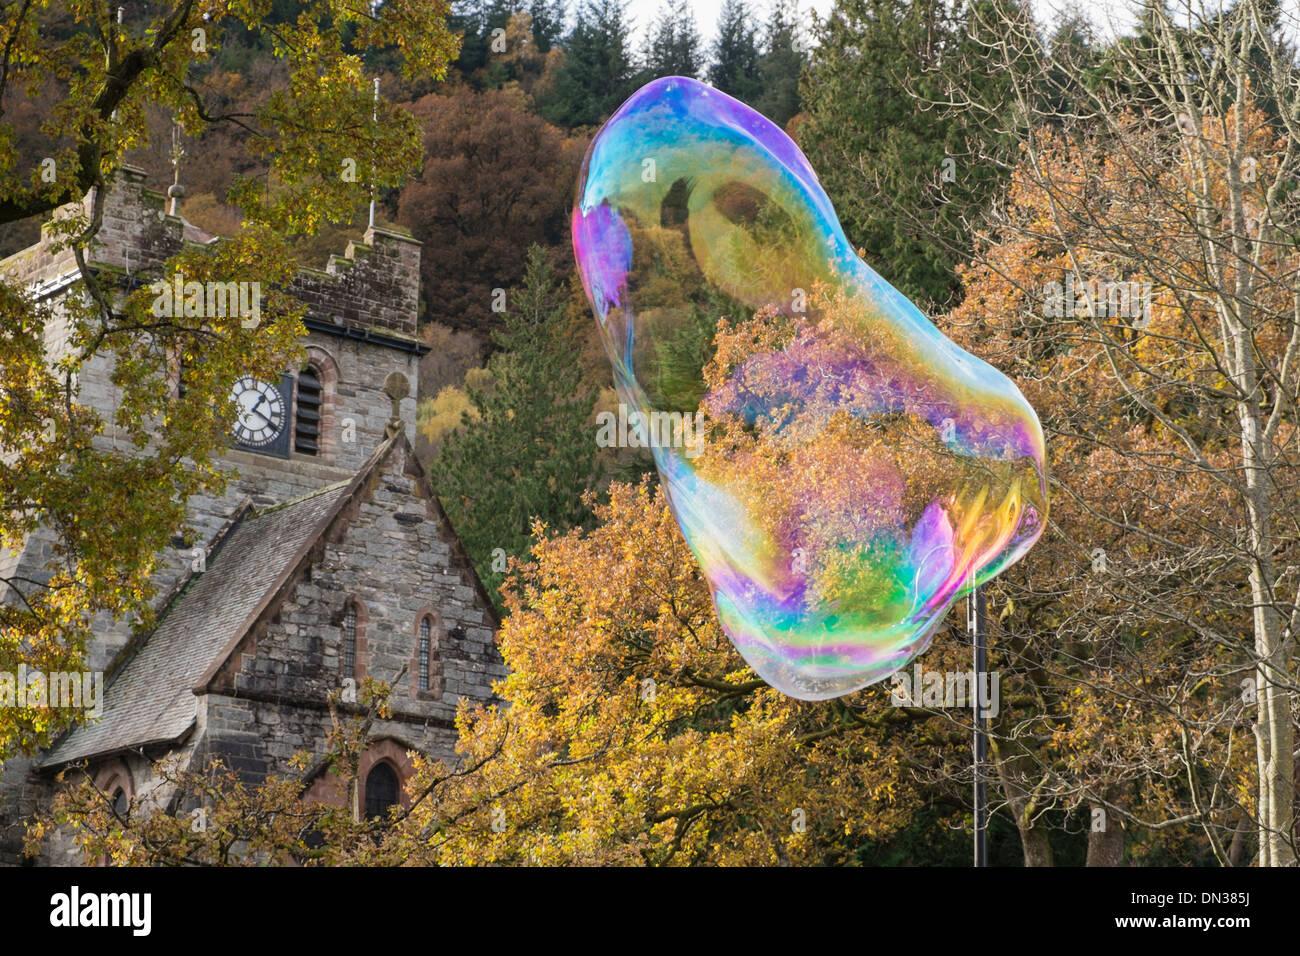 Una gigantesca burbuja de jabón que muestra los colores del arco iris que flota en el aire hacia la torre del reloj de la iglesia en Betws-y-Coed, al norte de Gales, Reino Unido, Gran Bretaña Imagen De Stock